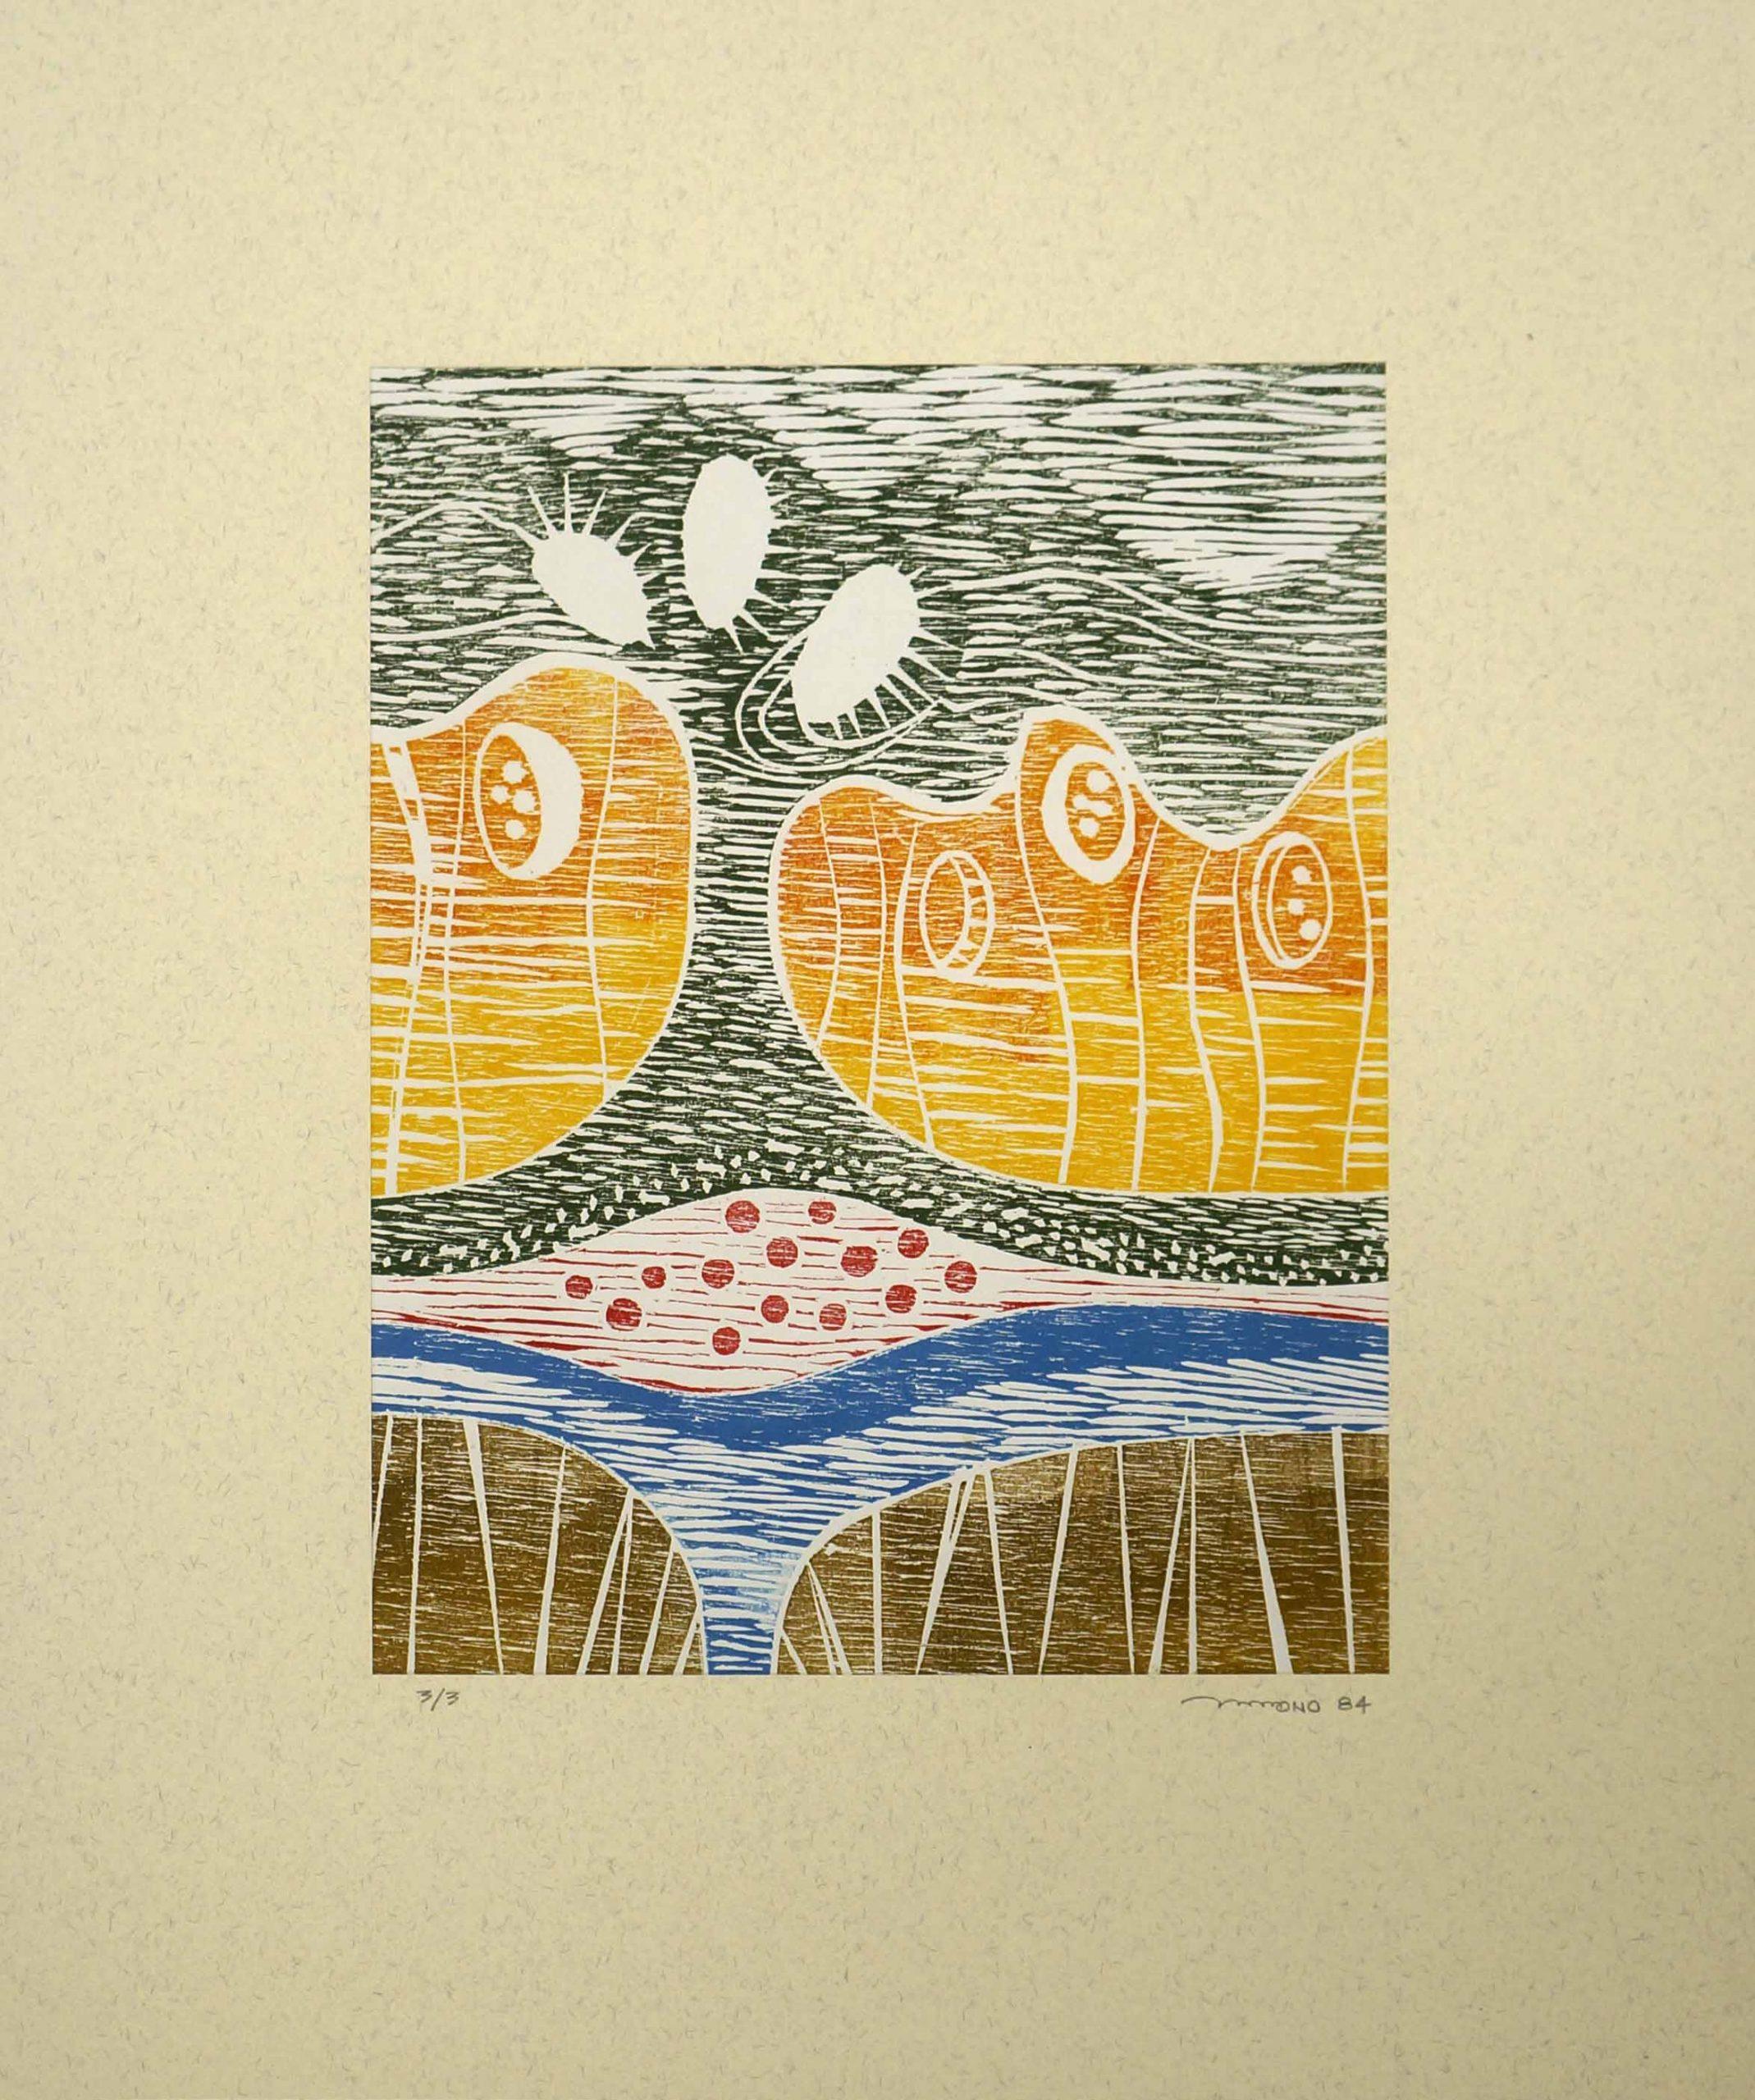 Xilogravura em papel - 24,5 x 19 cm (1984), impressão: 3/3